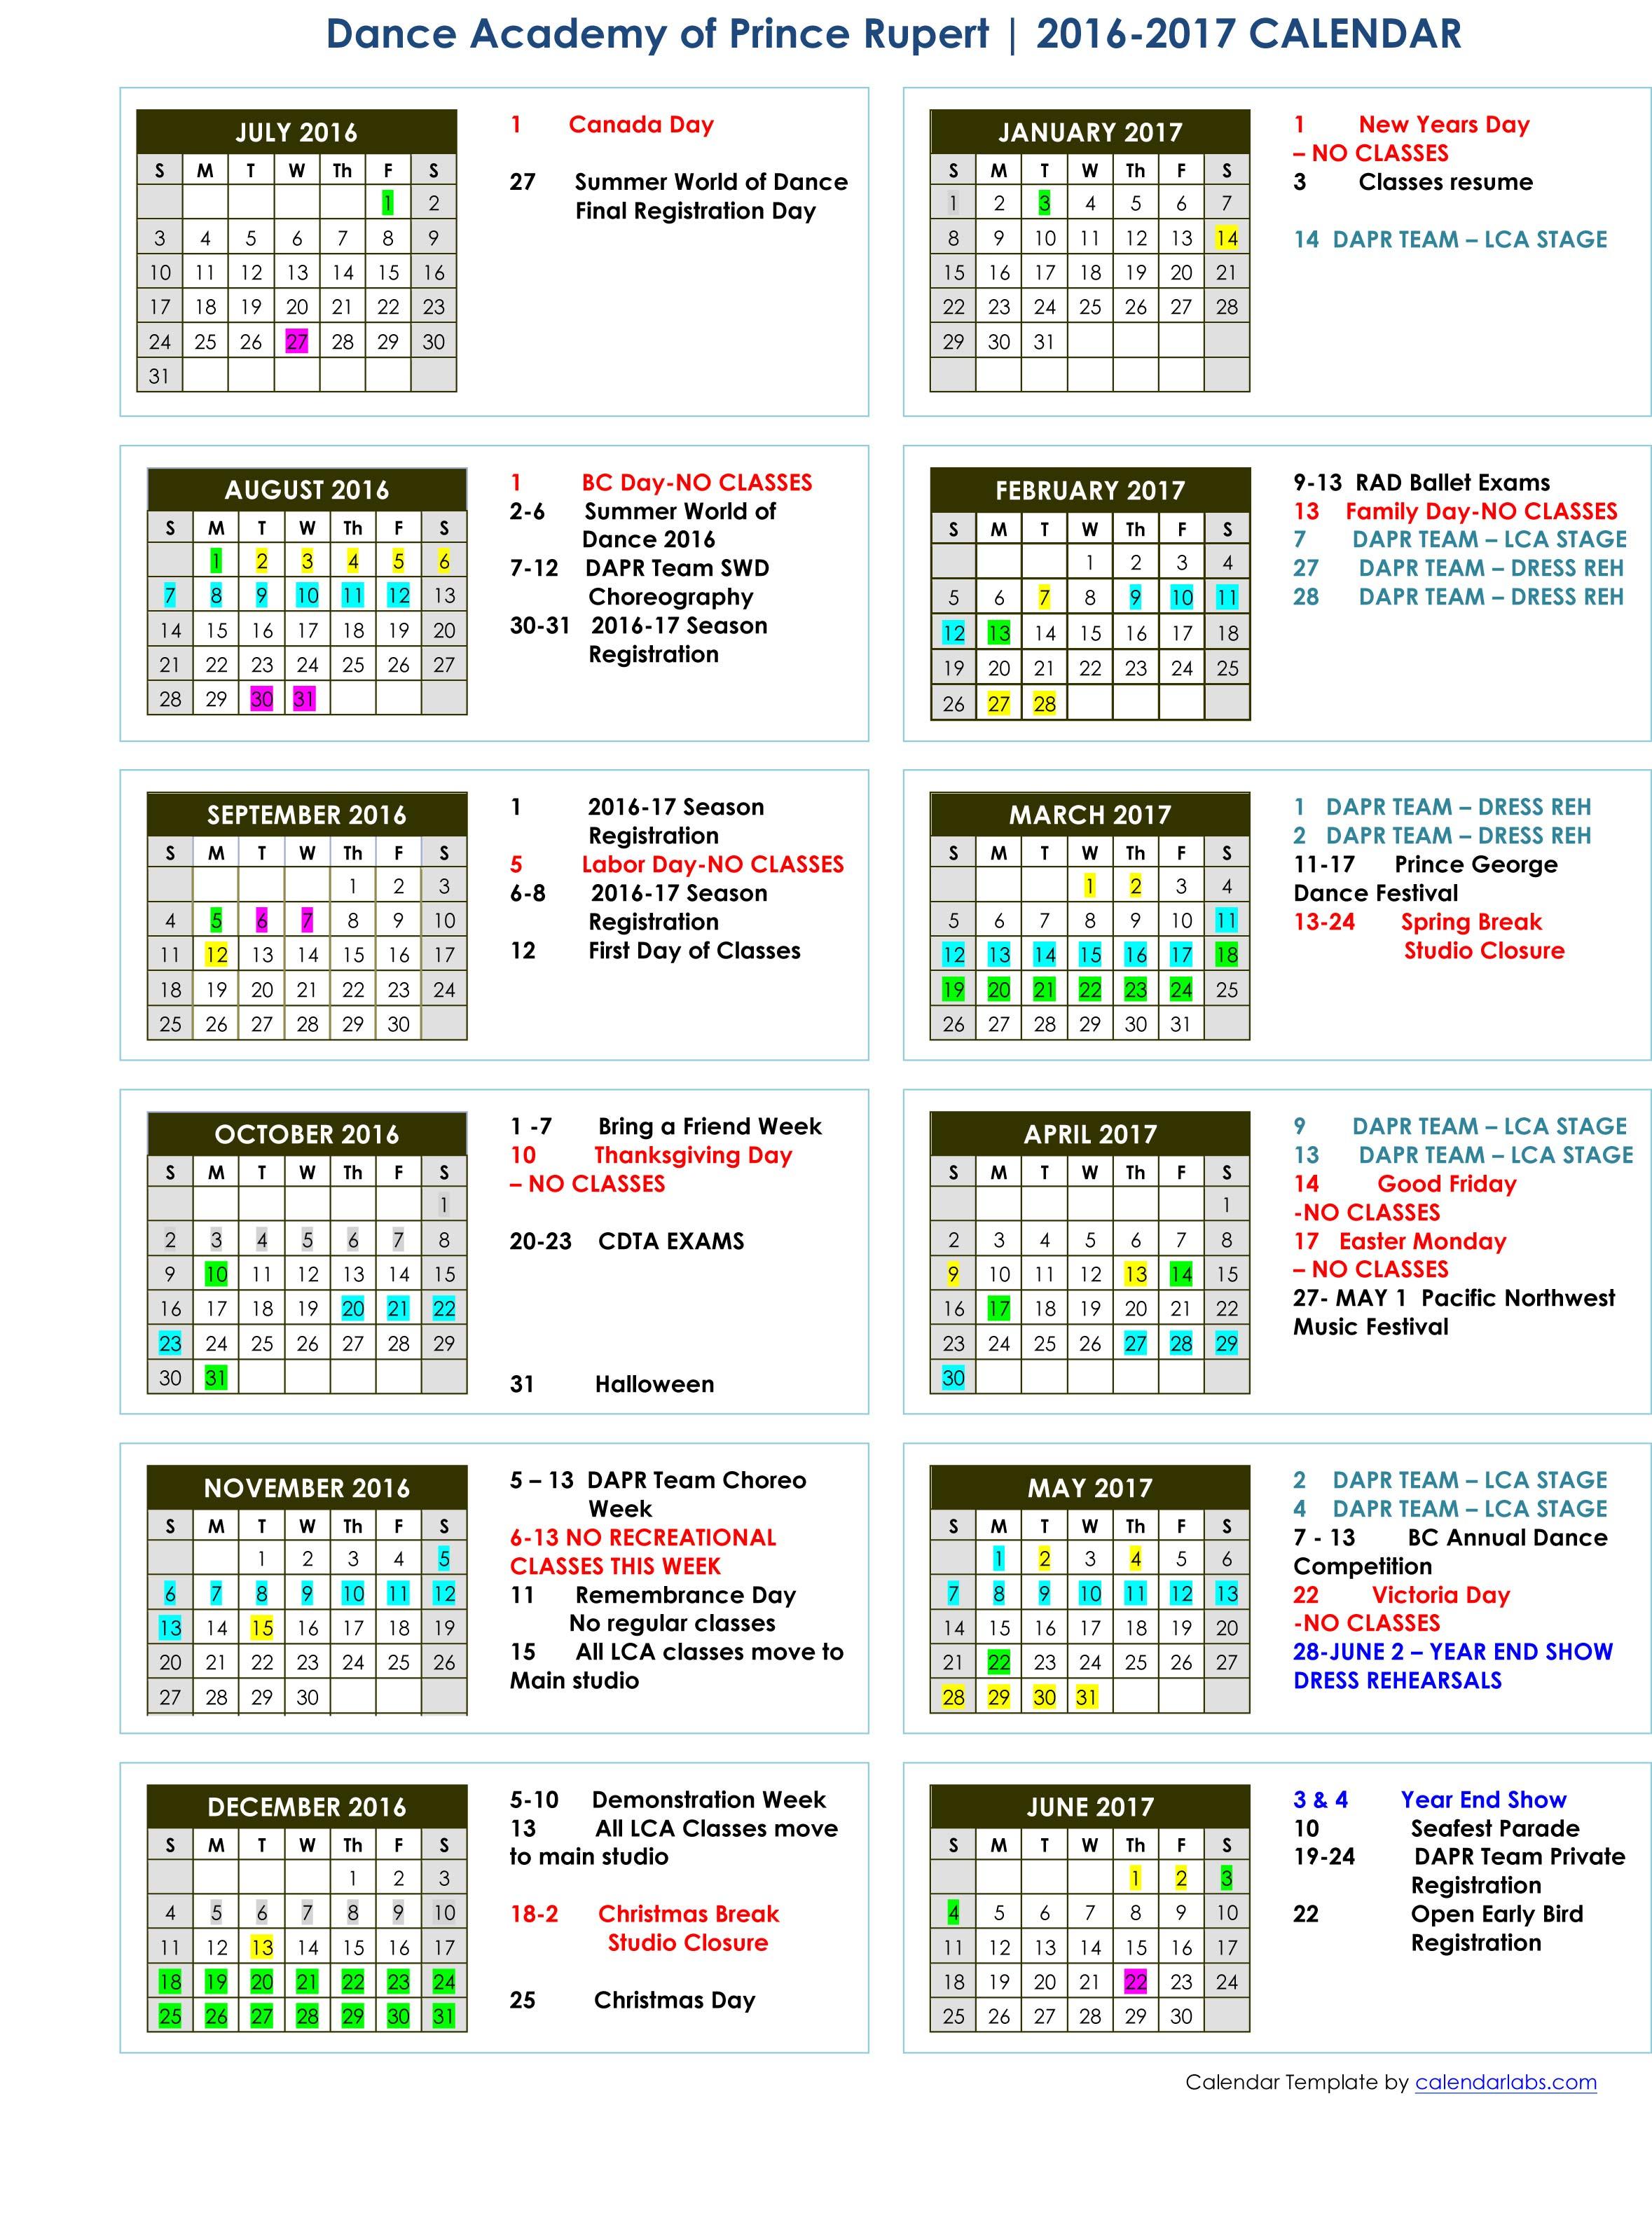 DAPR 2016-2017 Calendar